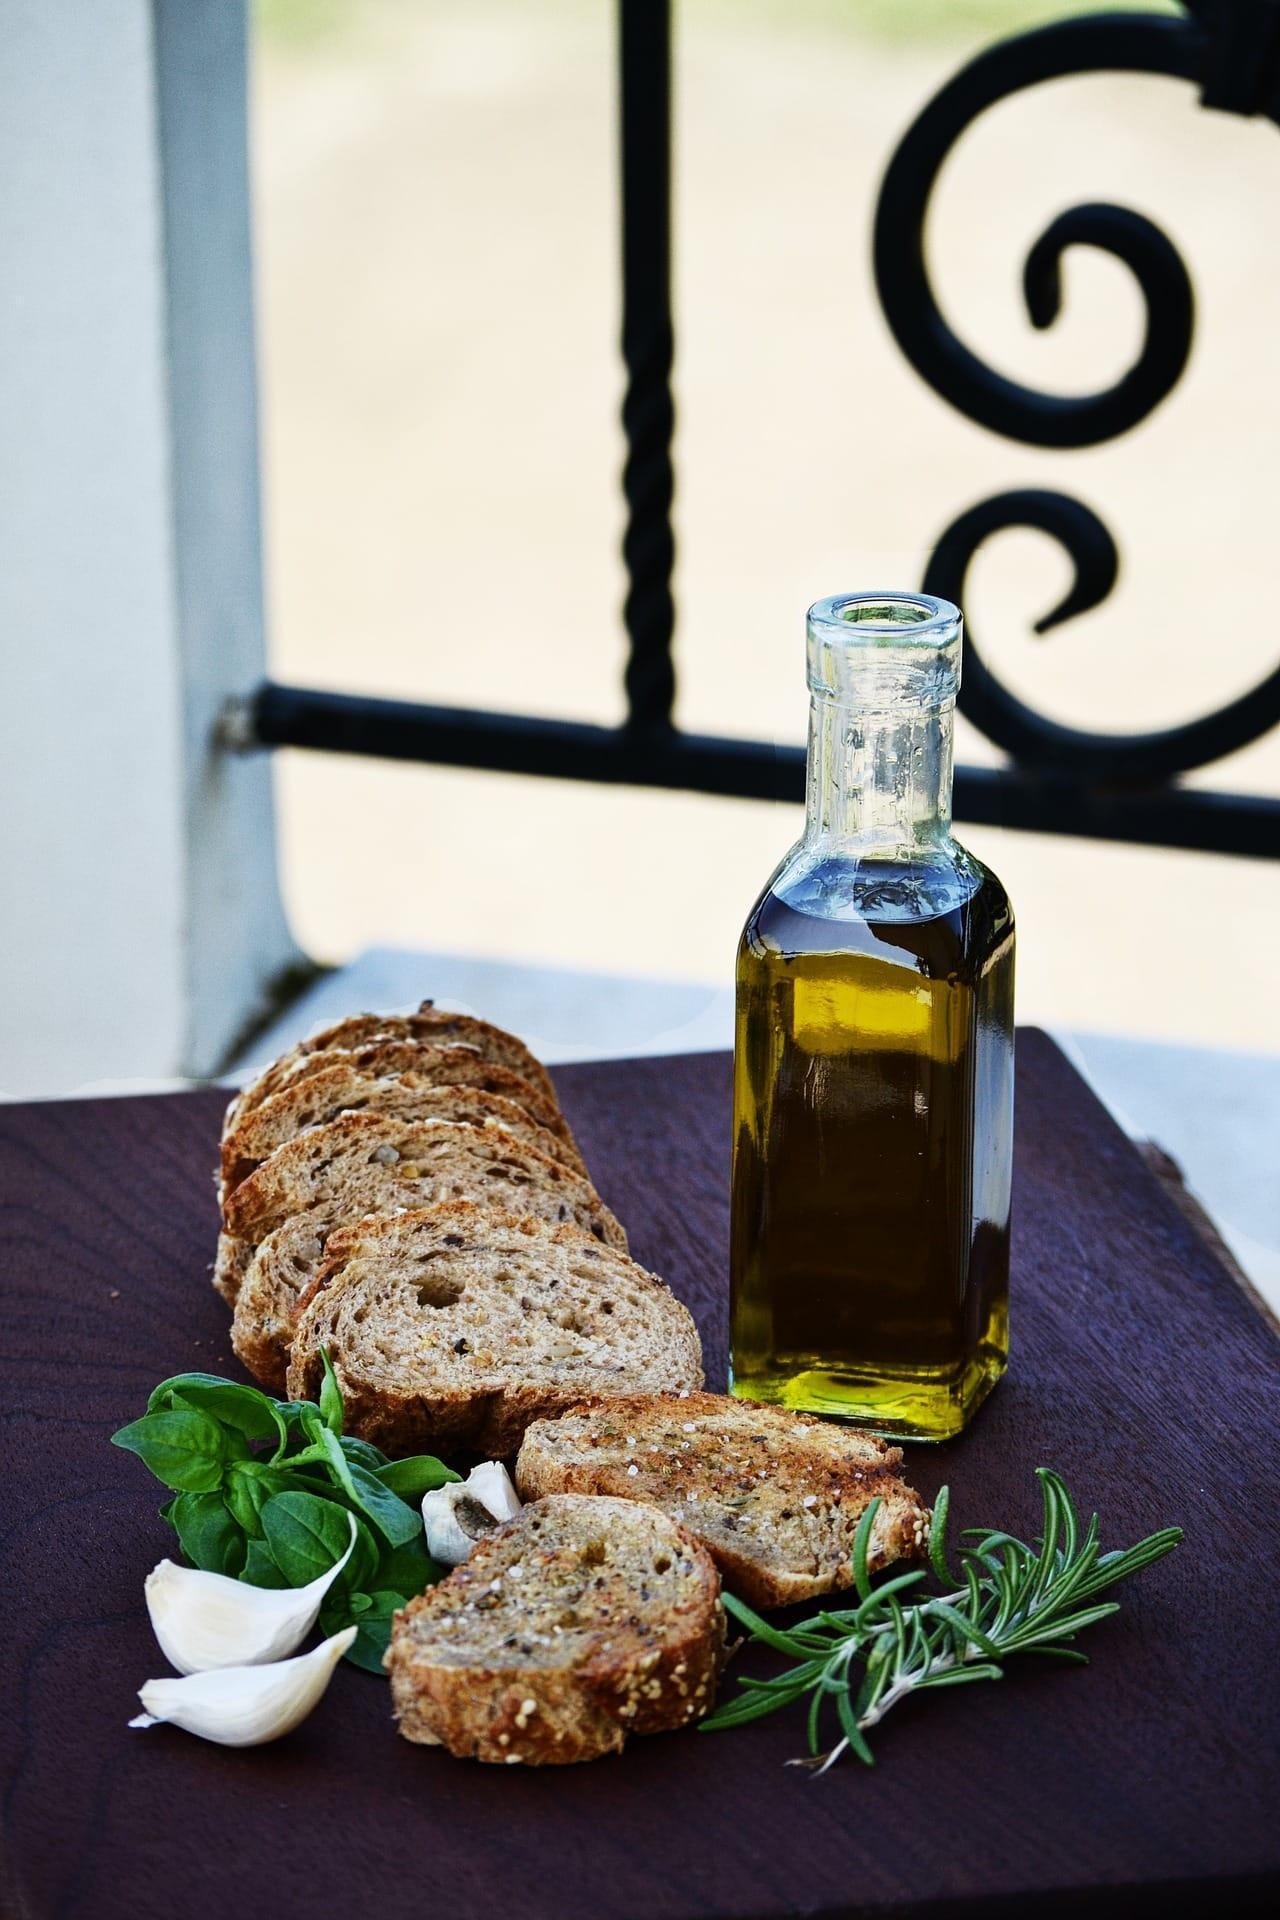 oliivide kasulikkus